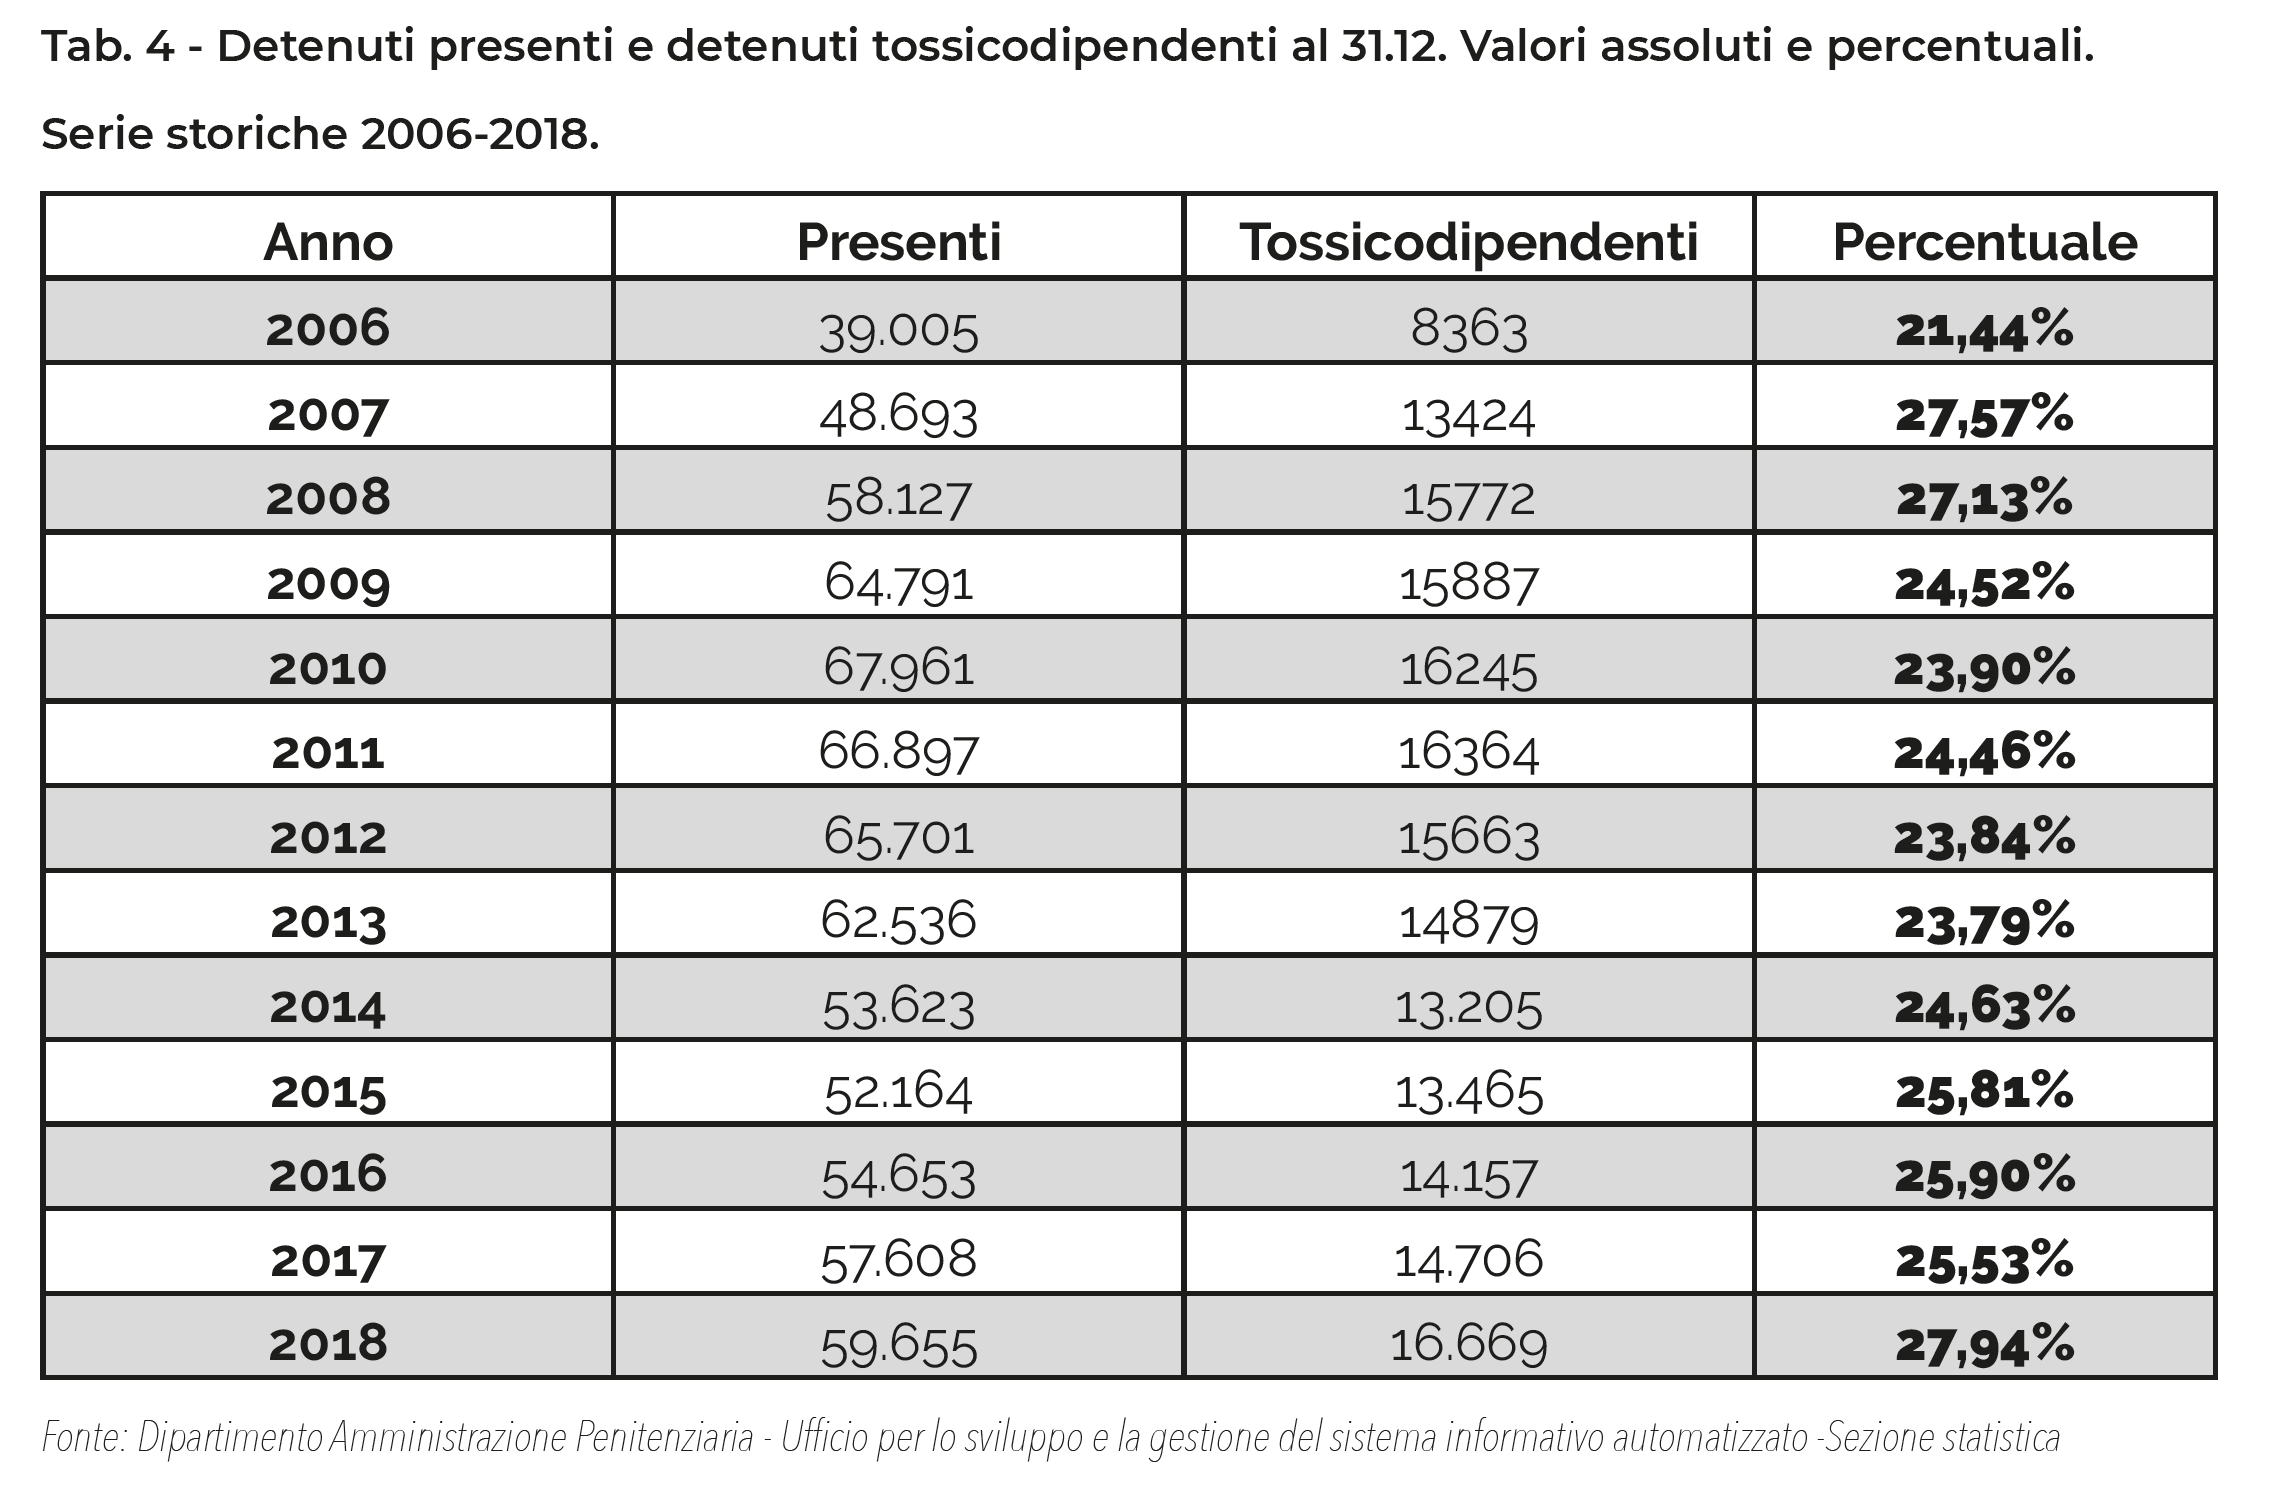 Tab. 4 - Detenuti presenti e detenuti tossicodipendenti al 31.12. Valori assoluti e percentuali. Serie storiche 2006-2018.